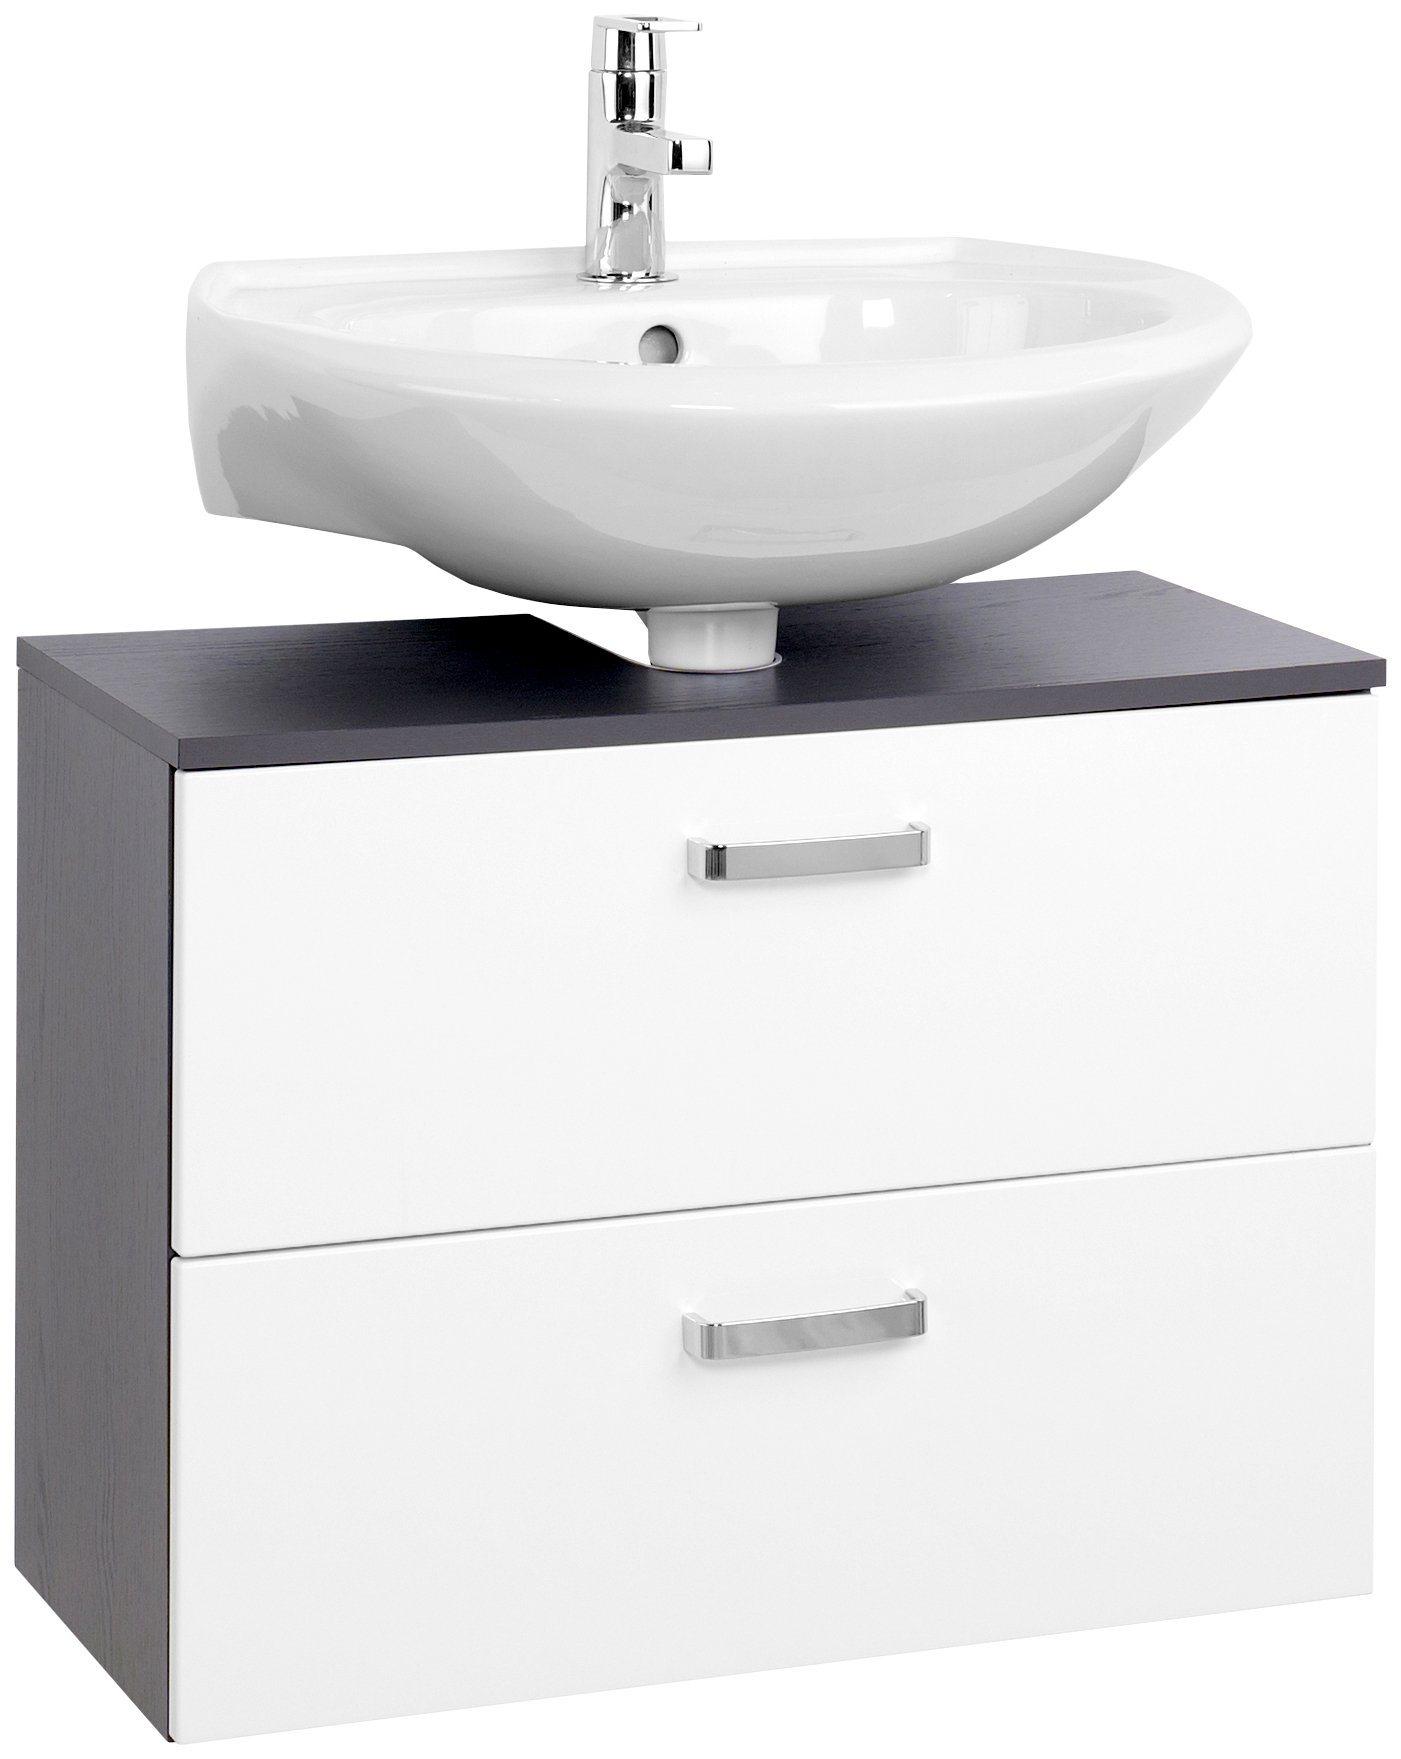 grillrost 70 cm preisvergleich die besten angebote online kaufen. Black Bedroom Furniture Sets. Home Design Ideas